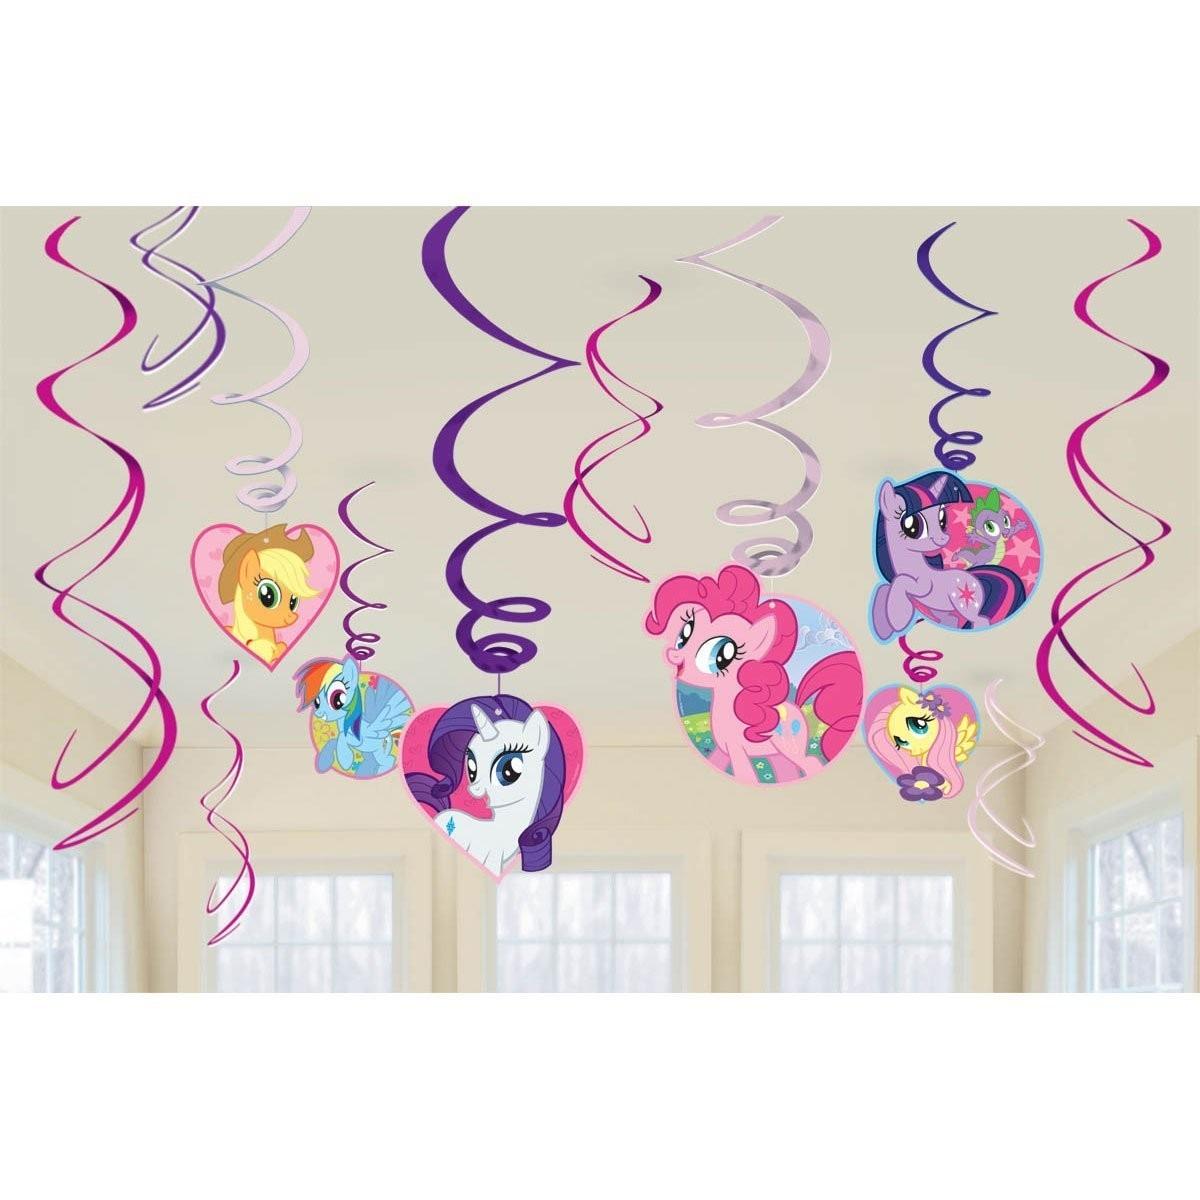 decoracao kit festa infantil:Kit Decoração Festa Infantil Com Painel My Little Pony – R$ 271,25